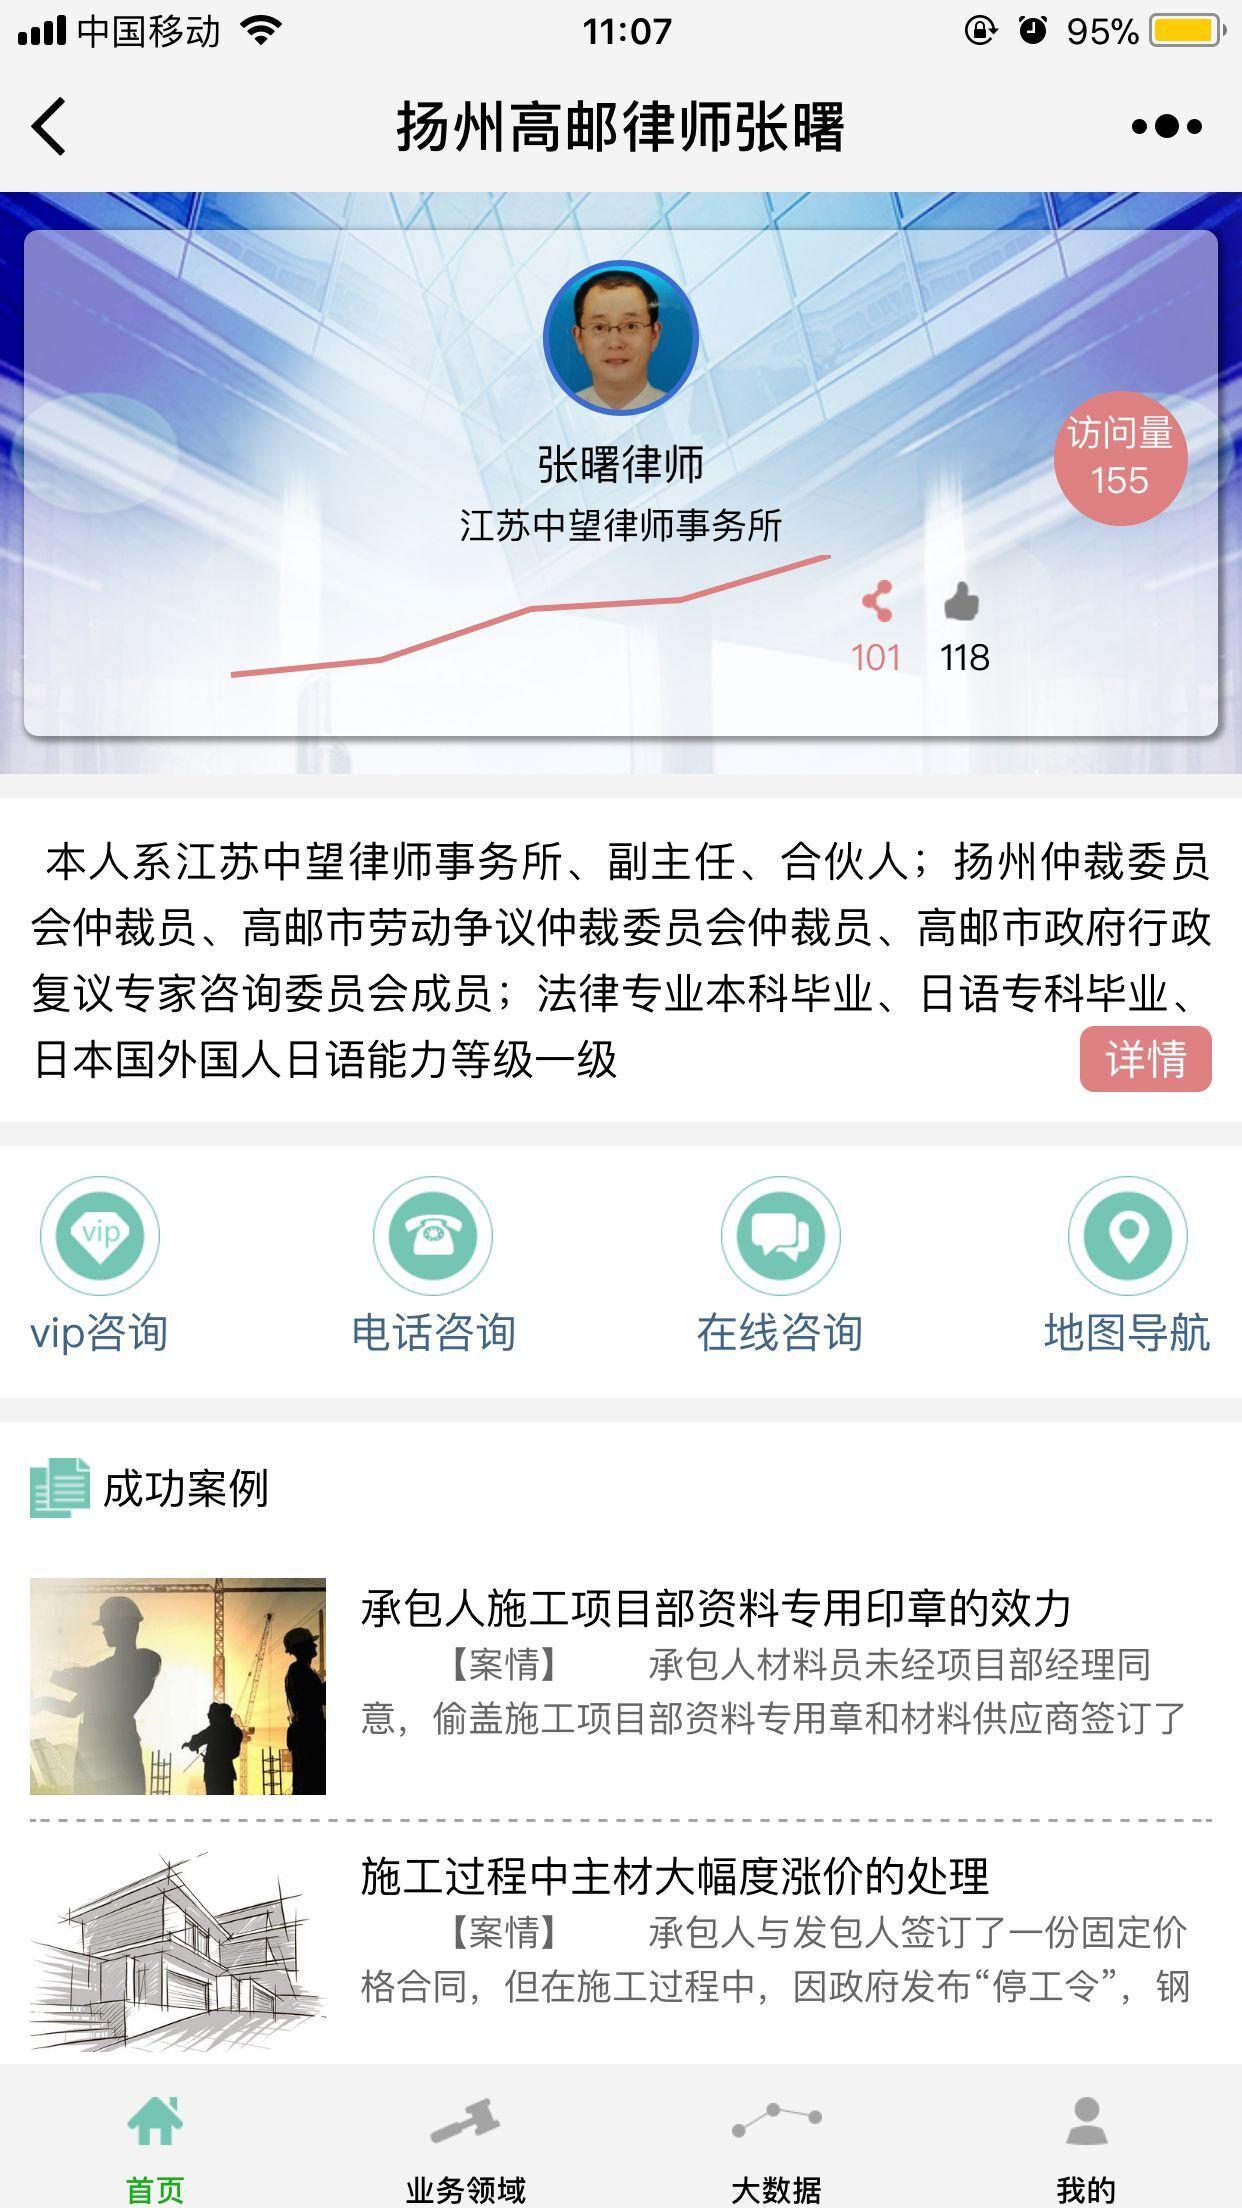 扬州高邮律师张曙小程序